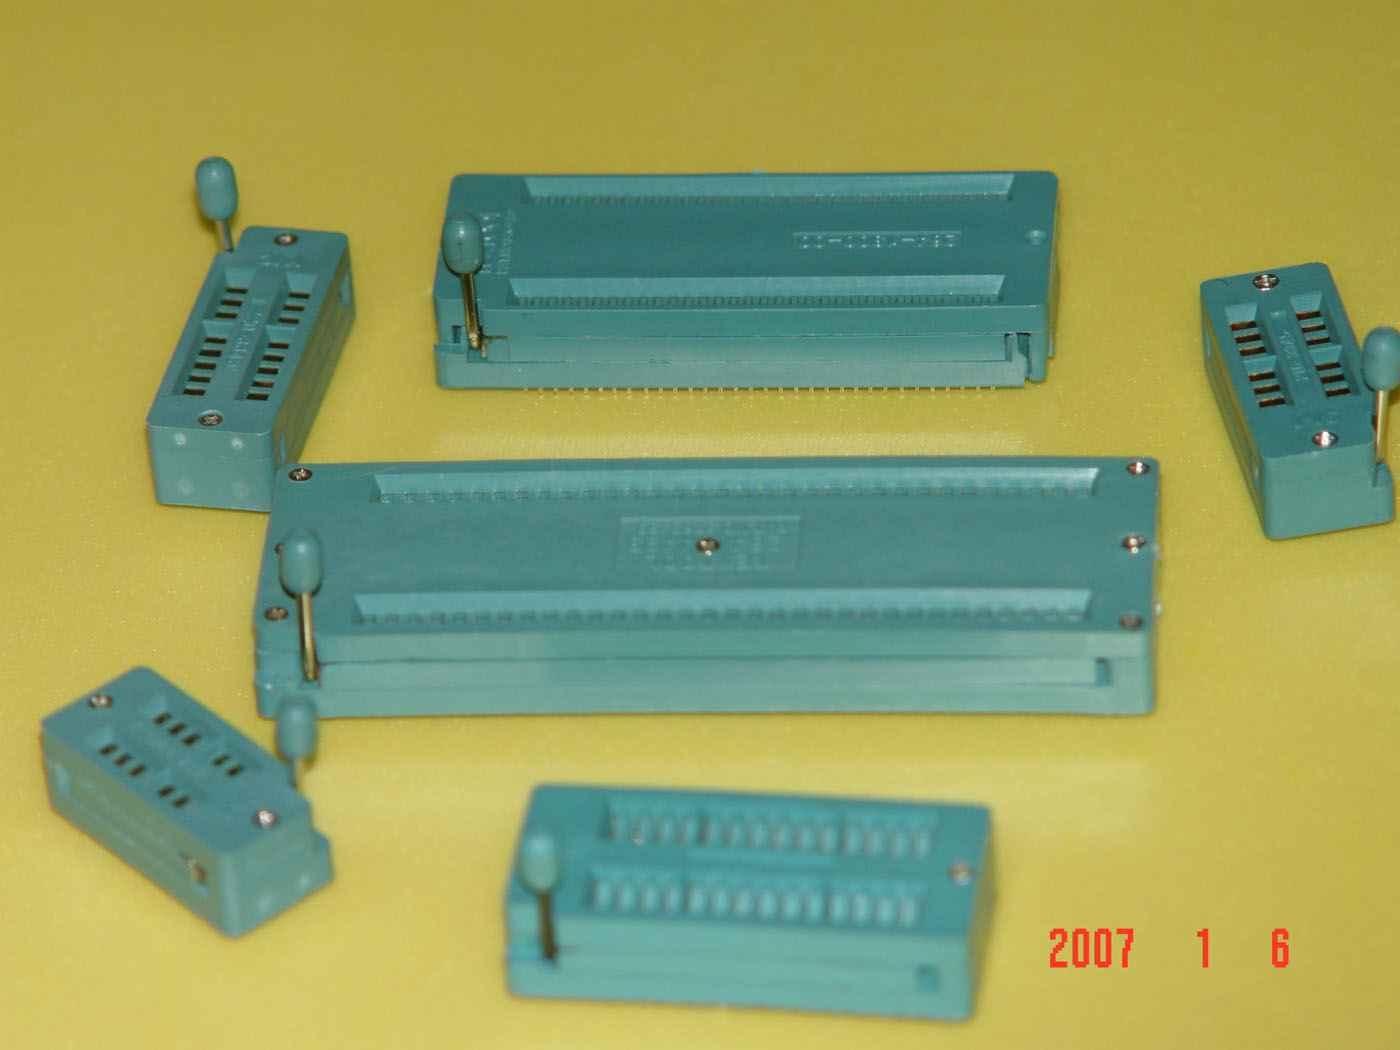 总线/锁紧/CY401/SYD/PC104 第22张